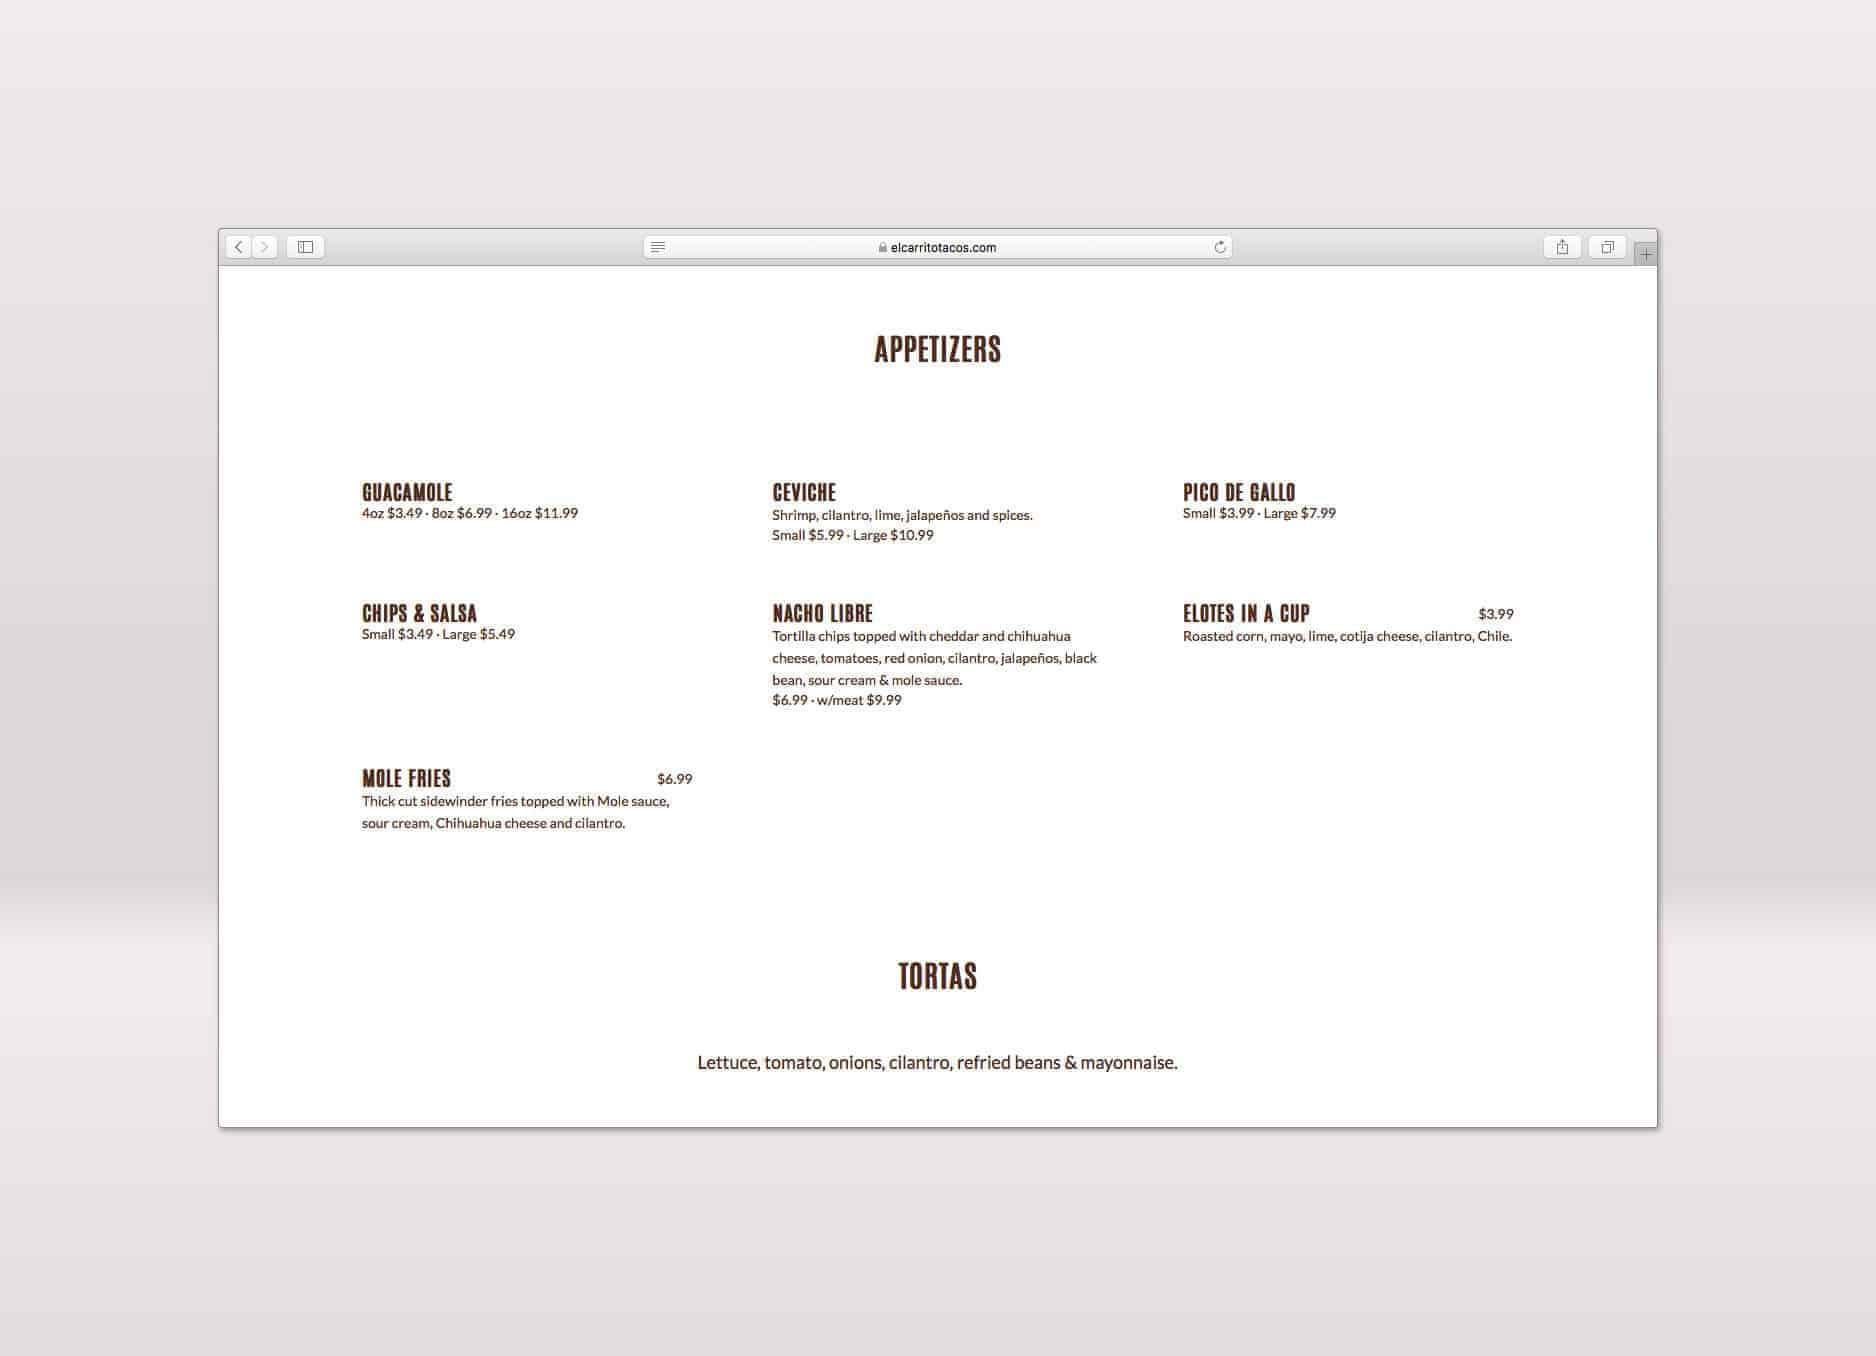 el carrito menu design